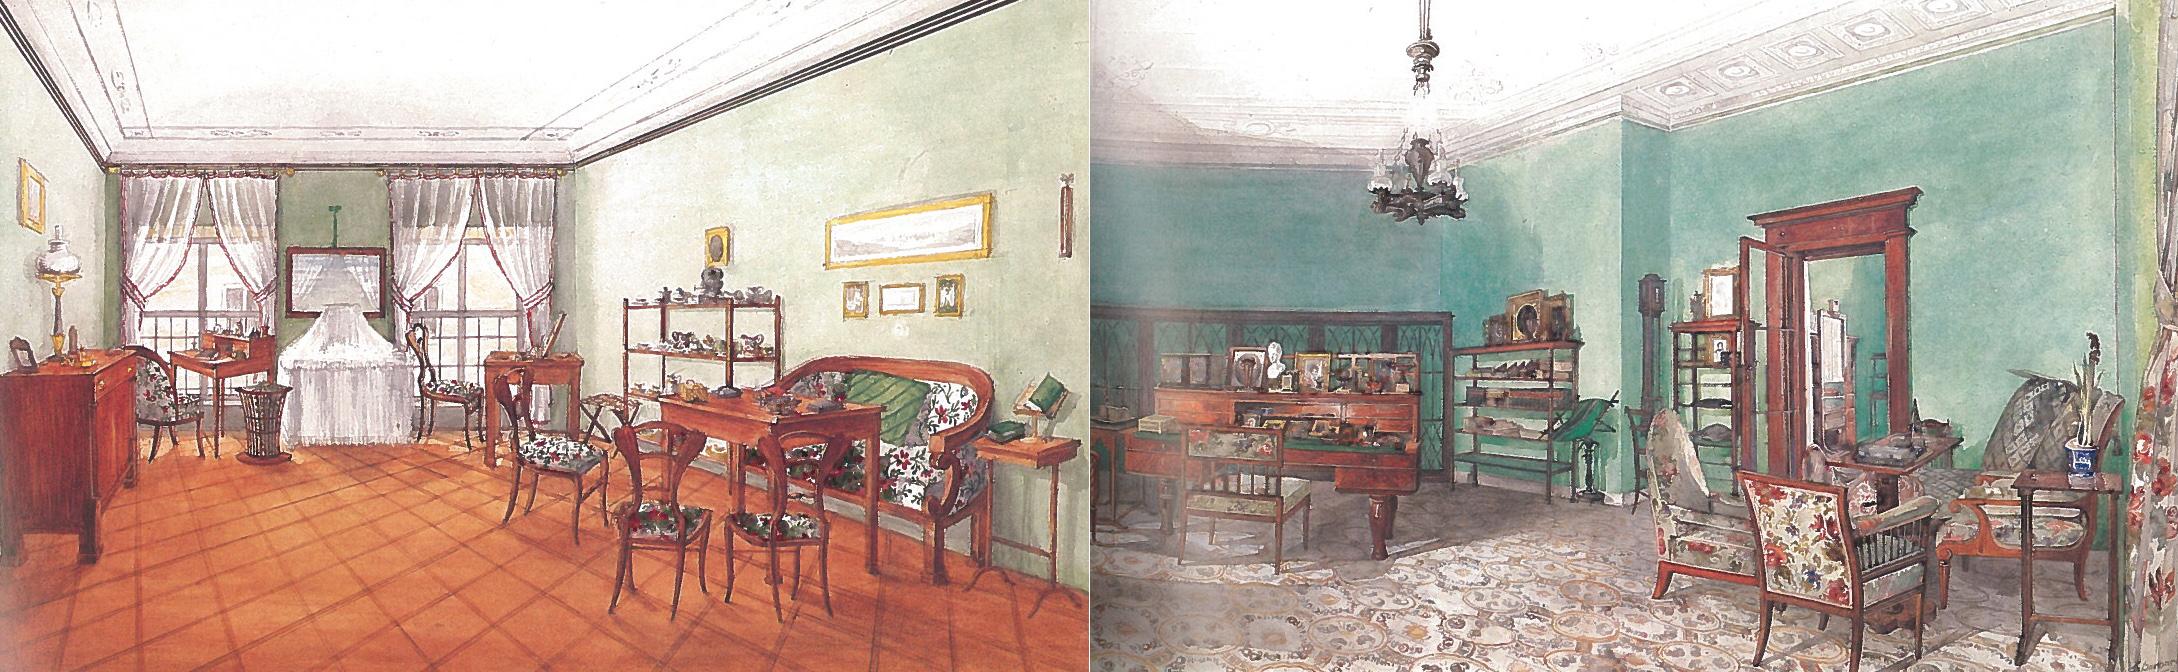 Dipinti salotti Biedermeier - Historisches Museum der Stadt Wien